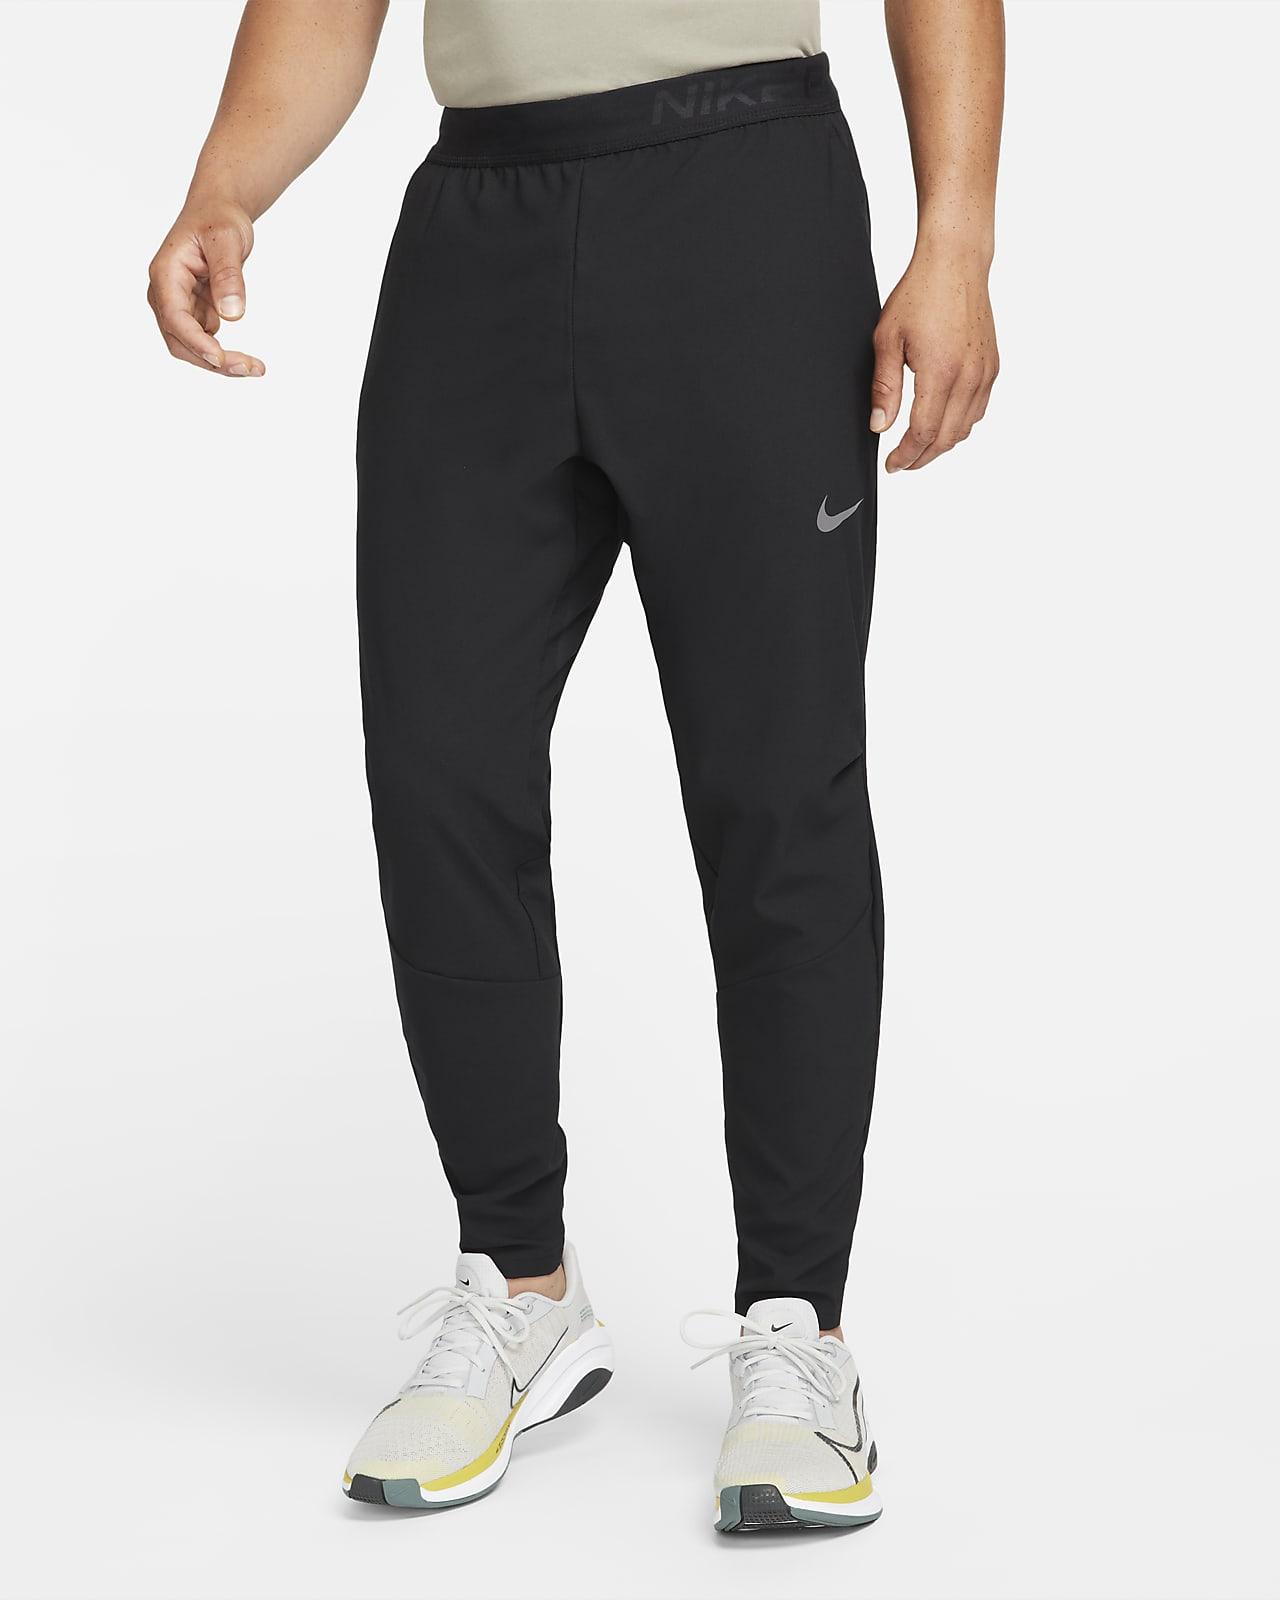 Pantalones de entrenamiento para hombre Nike Flex